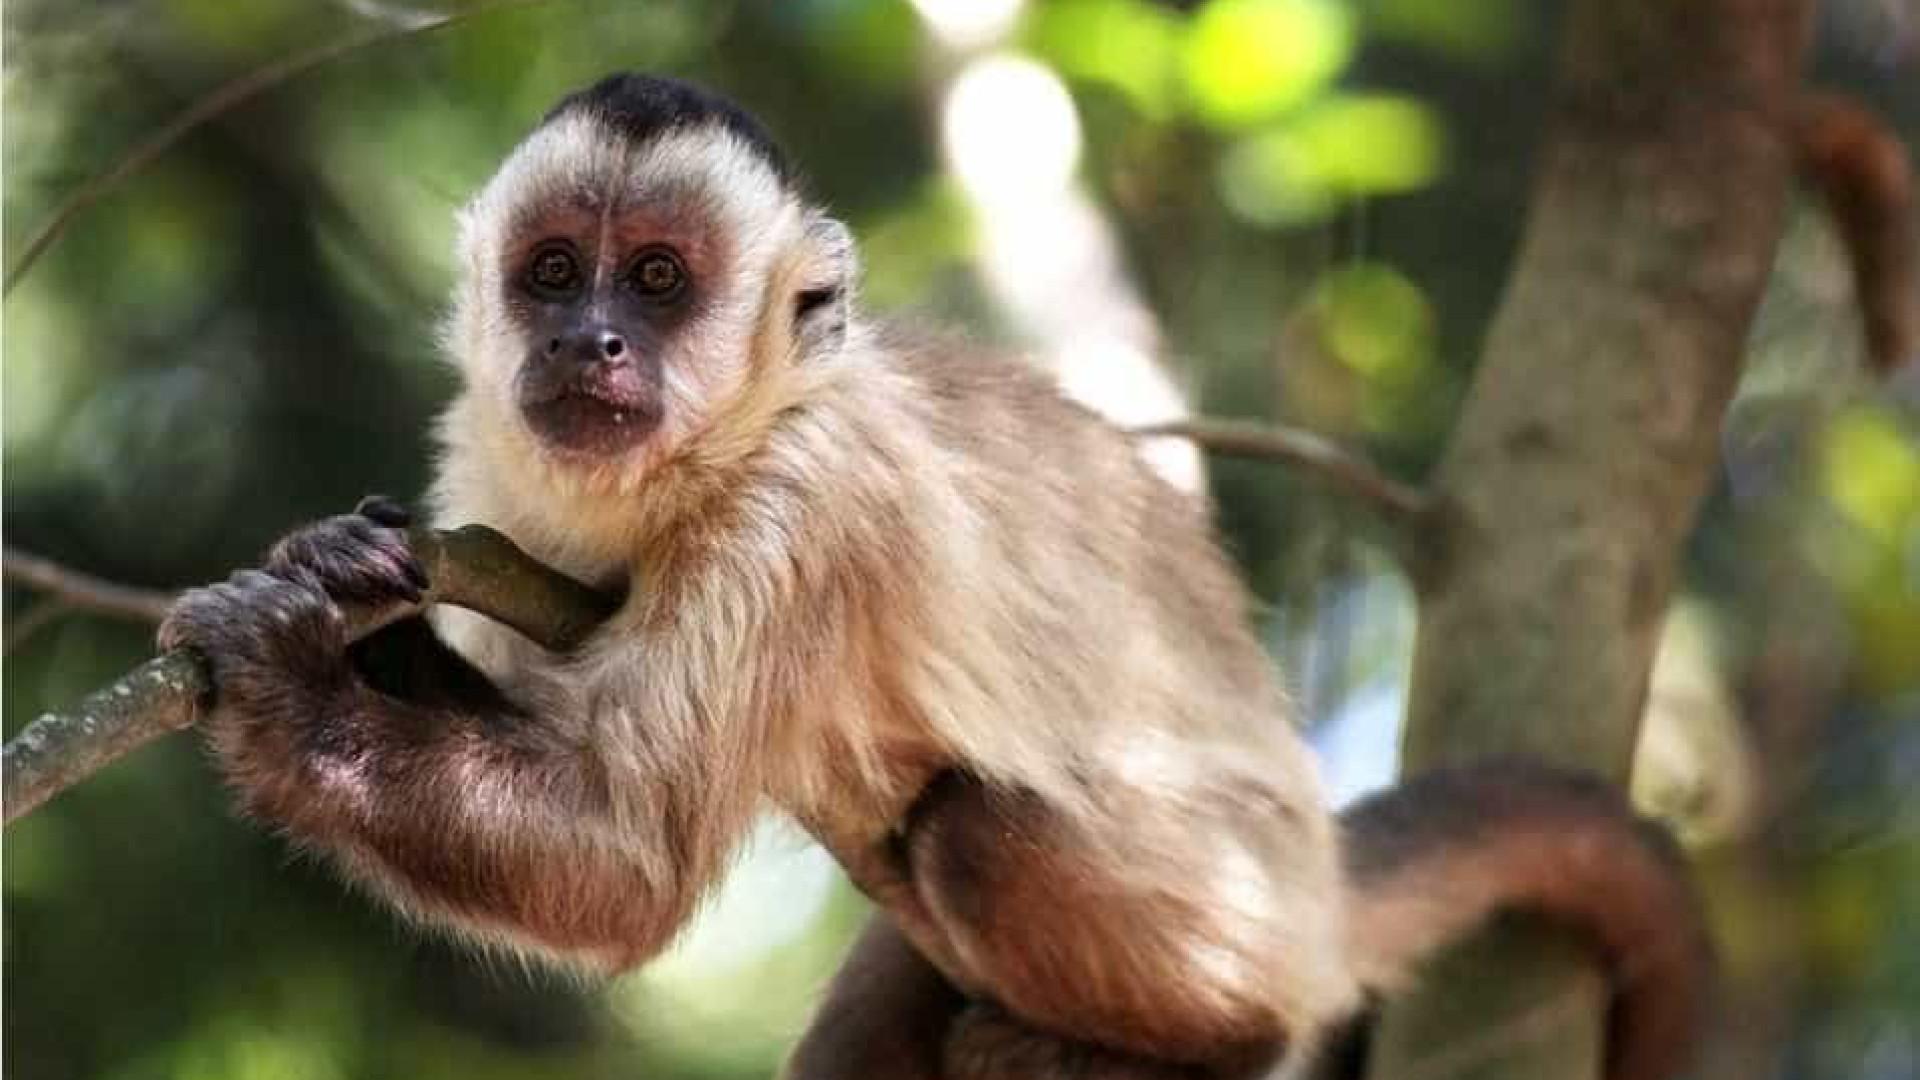 Macacos-pregos criam lascas de pedra como ancestrais humanos